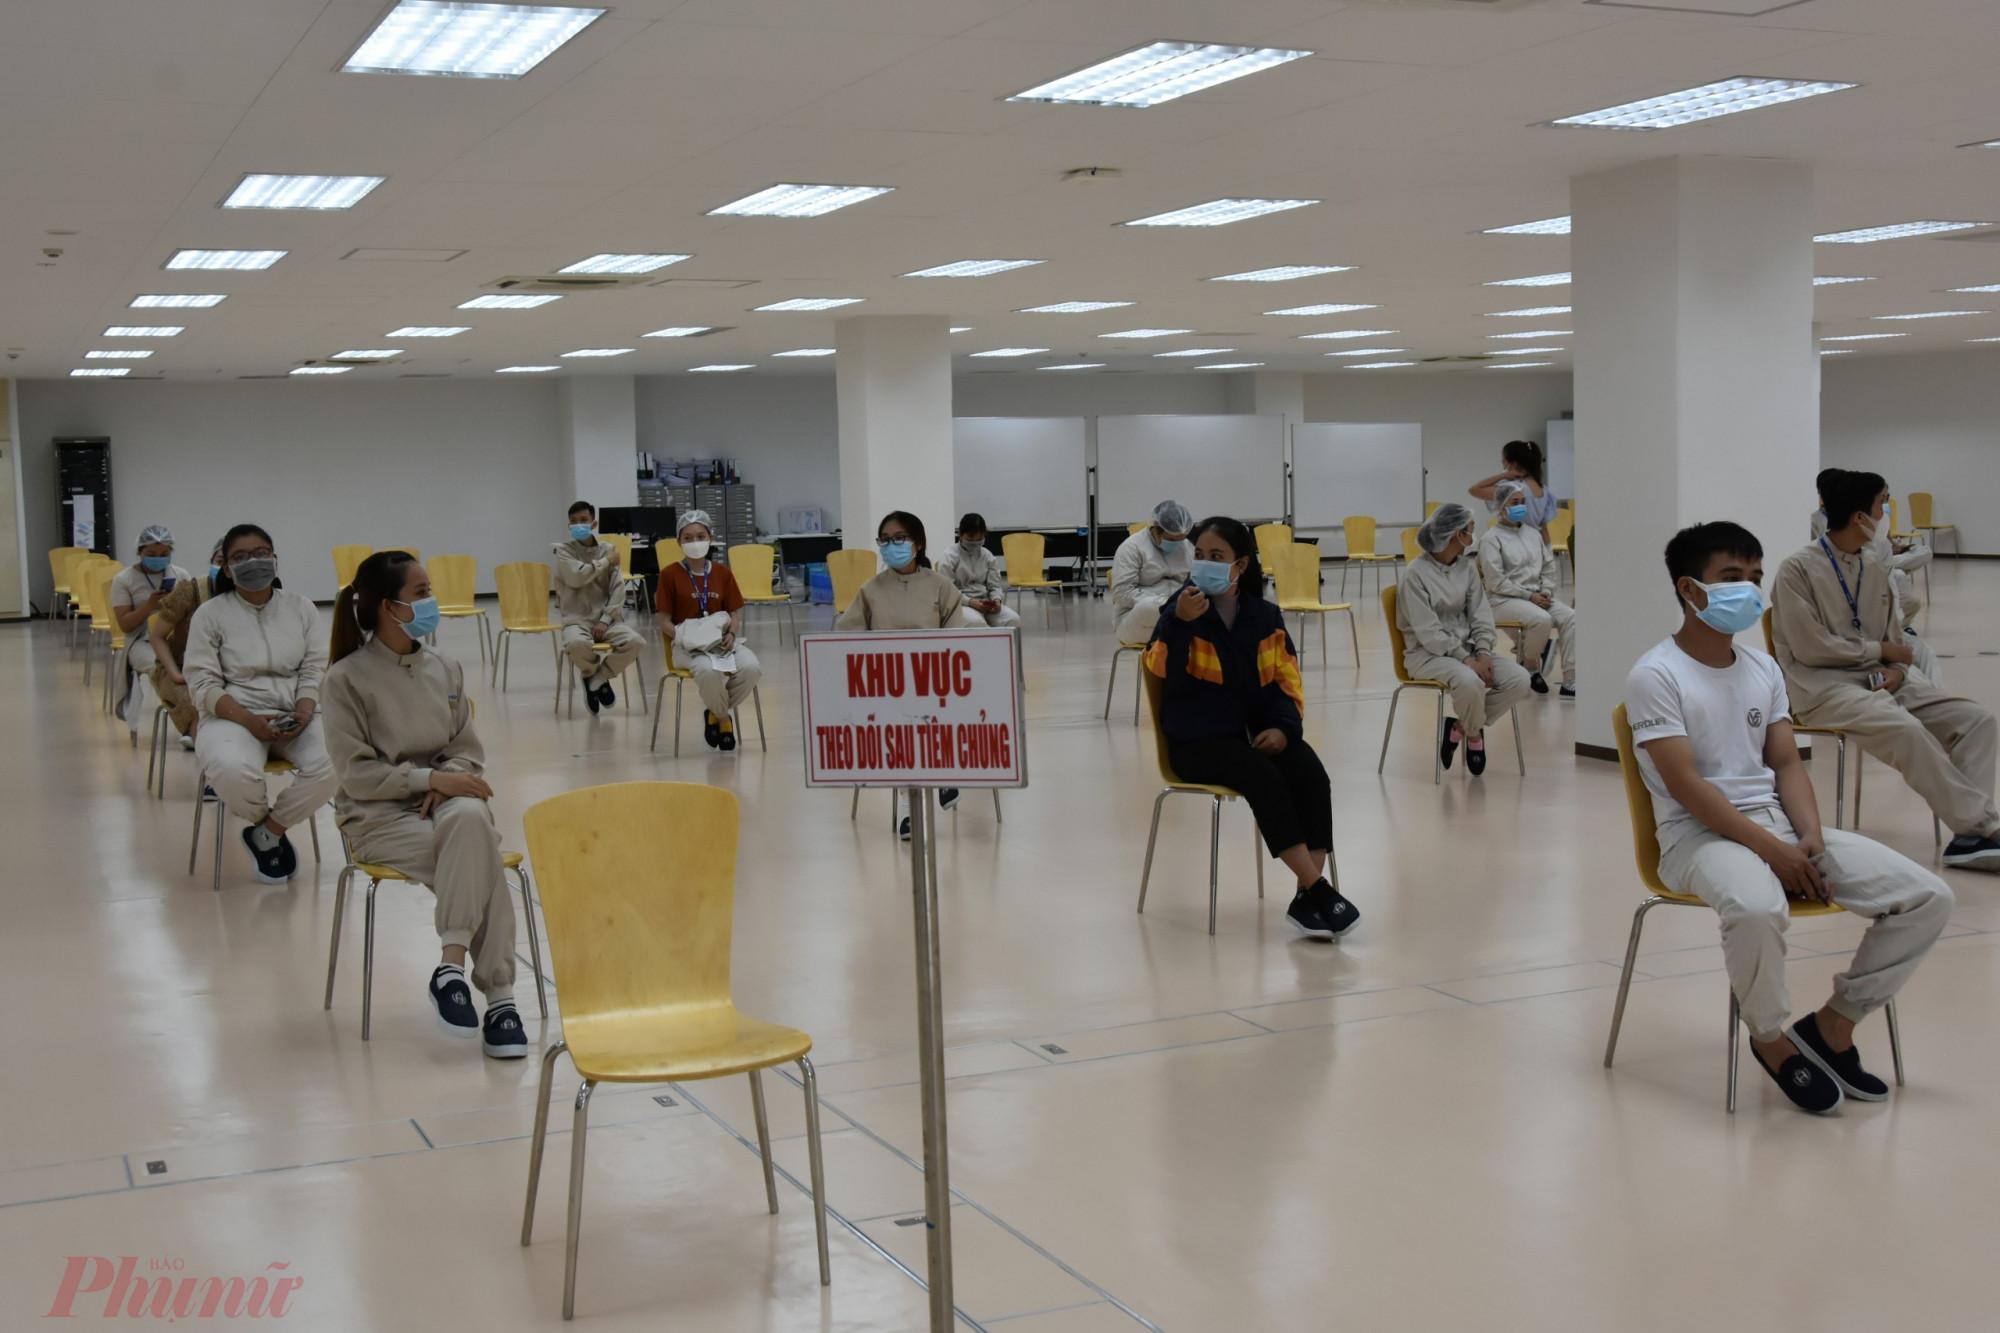 Công ty TNHH Nipro Pharma Việt Nam ngồi chờ theo dõi sau khi tiêm vắc xin AstraZenec mũi 1, ảnh Trọng Nguyễn.